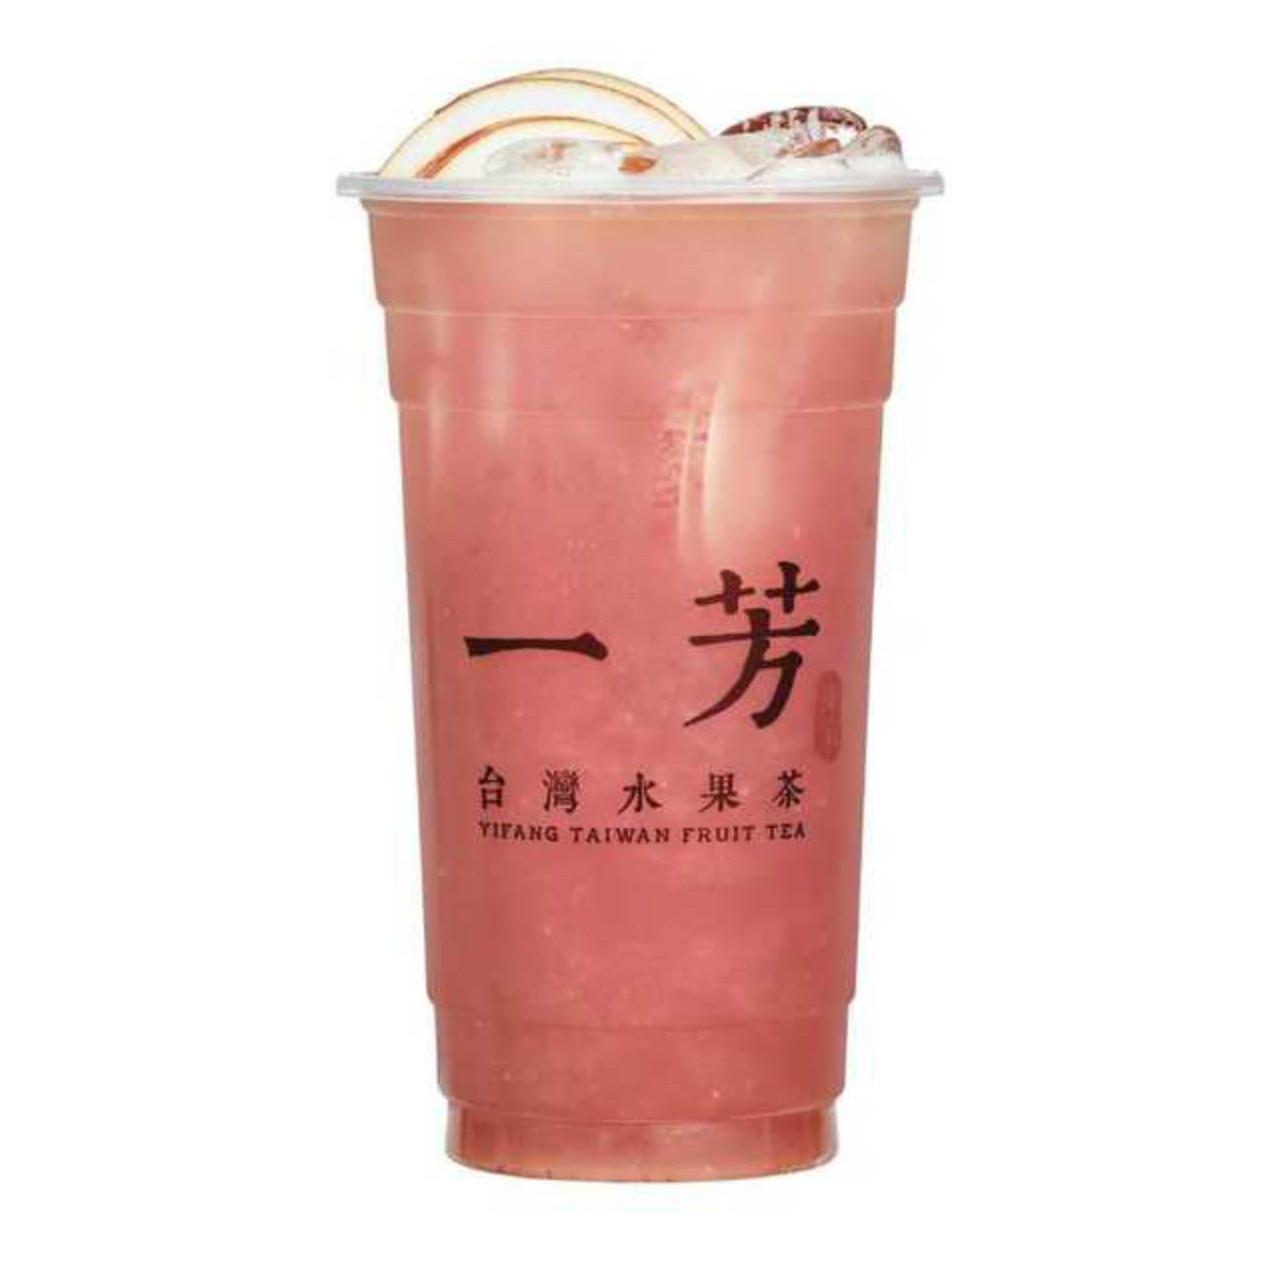 Grape fruit tea